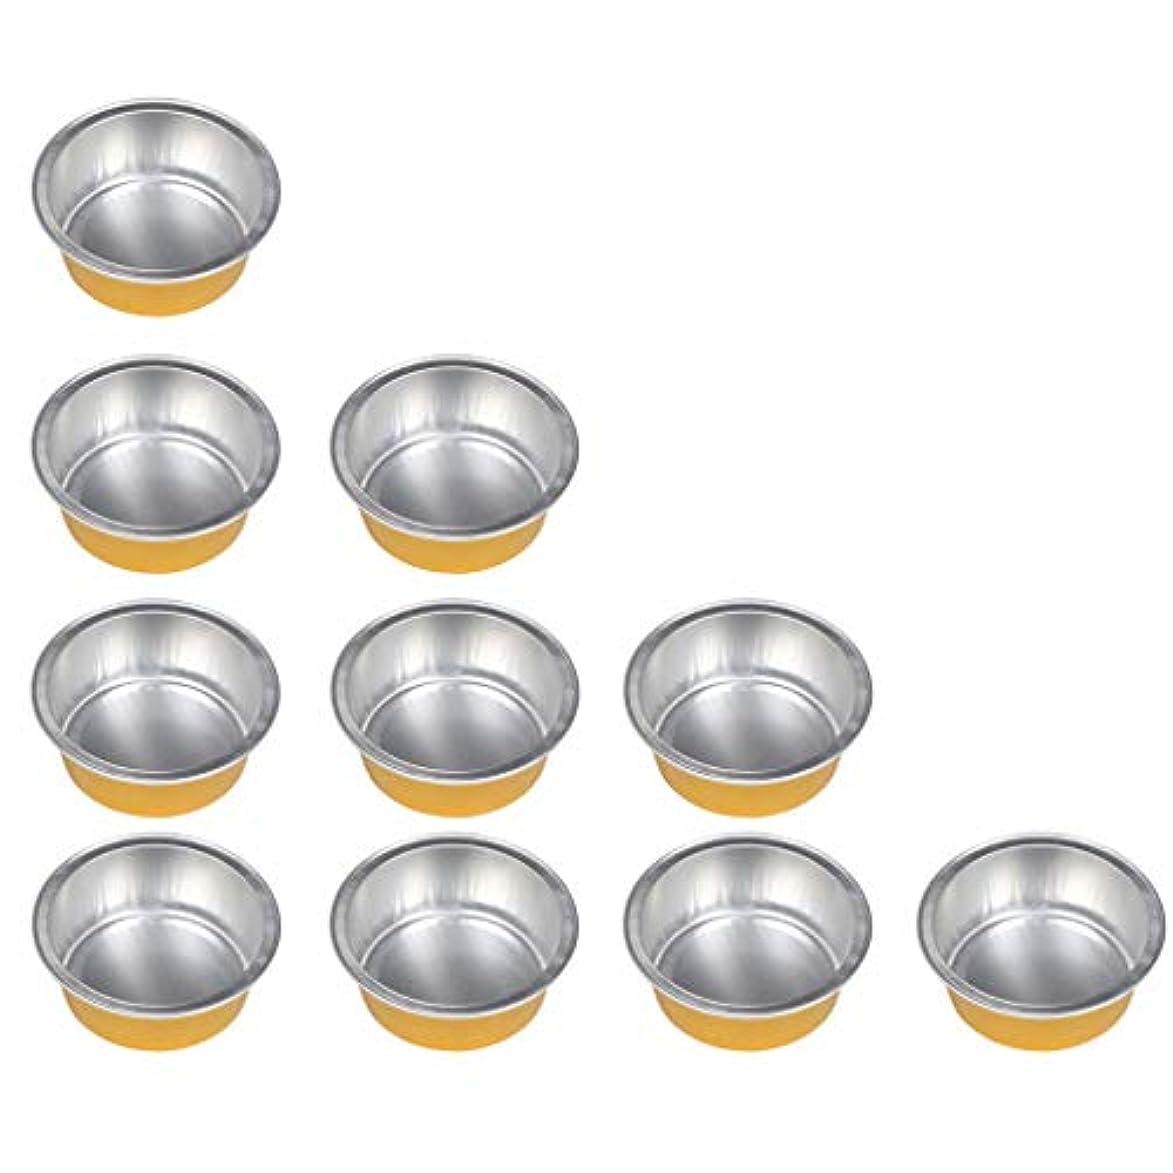 わかりやすいセラー飾るFLAMEER 10個 ワックスボウル ミニボウル アルミホイルボウル ワックス豆体 溶融 衛生的 2種選ぶ - ゴールデン1, 01